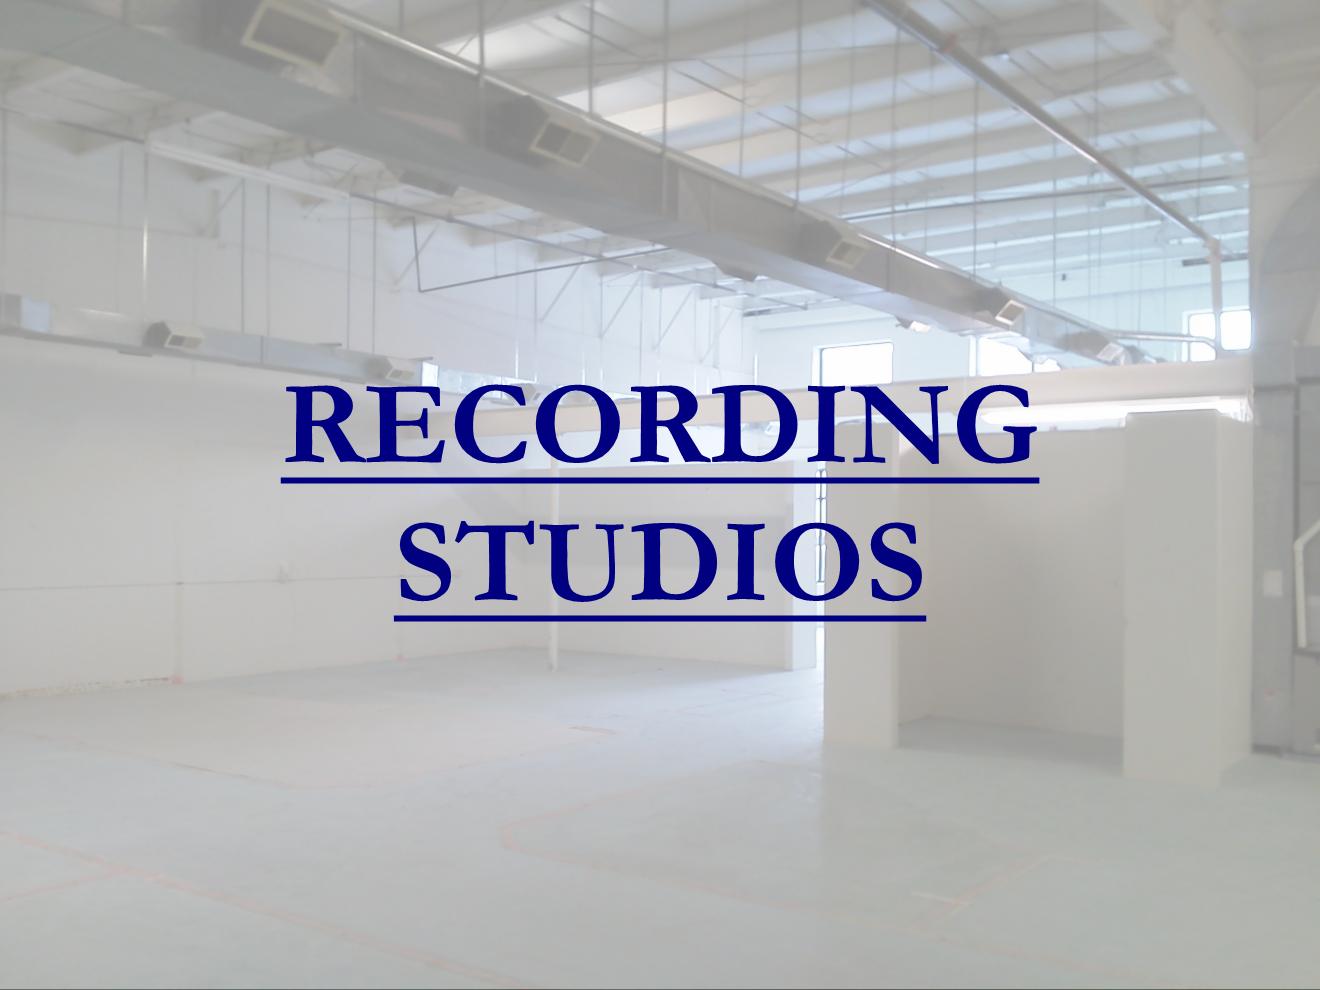 Studio - Arktx, CRTV Leesburg - text.png